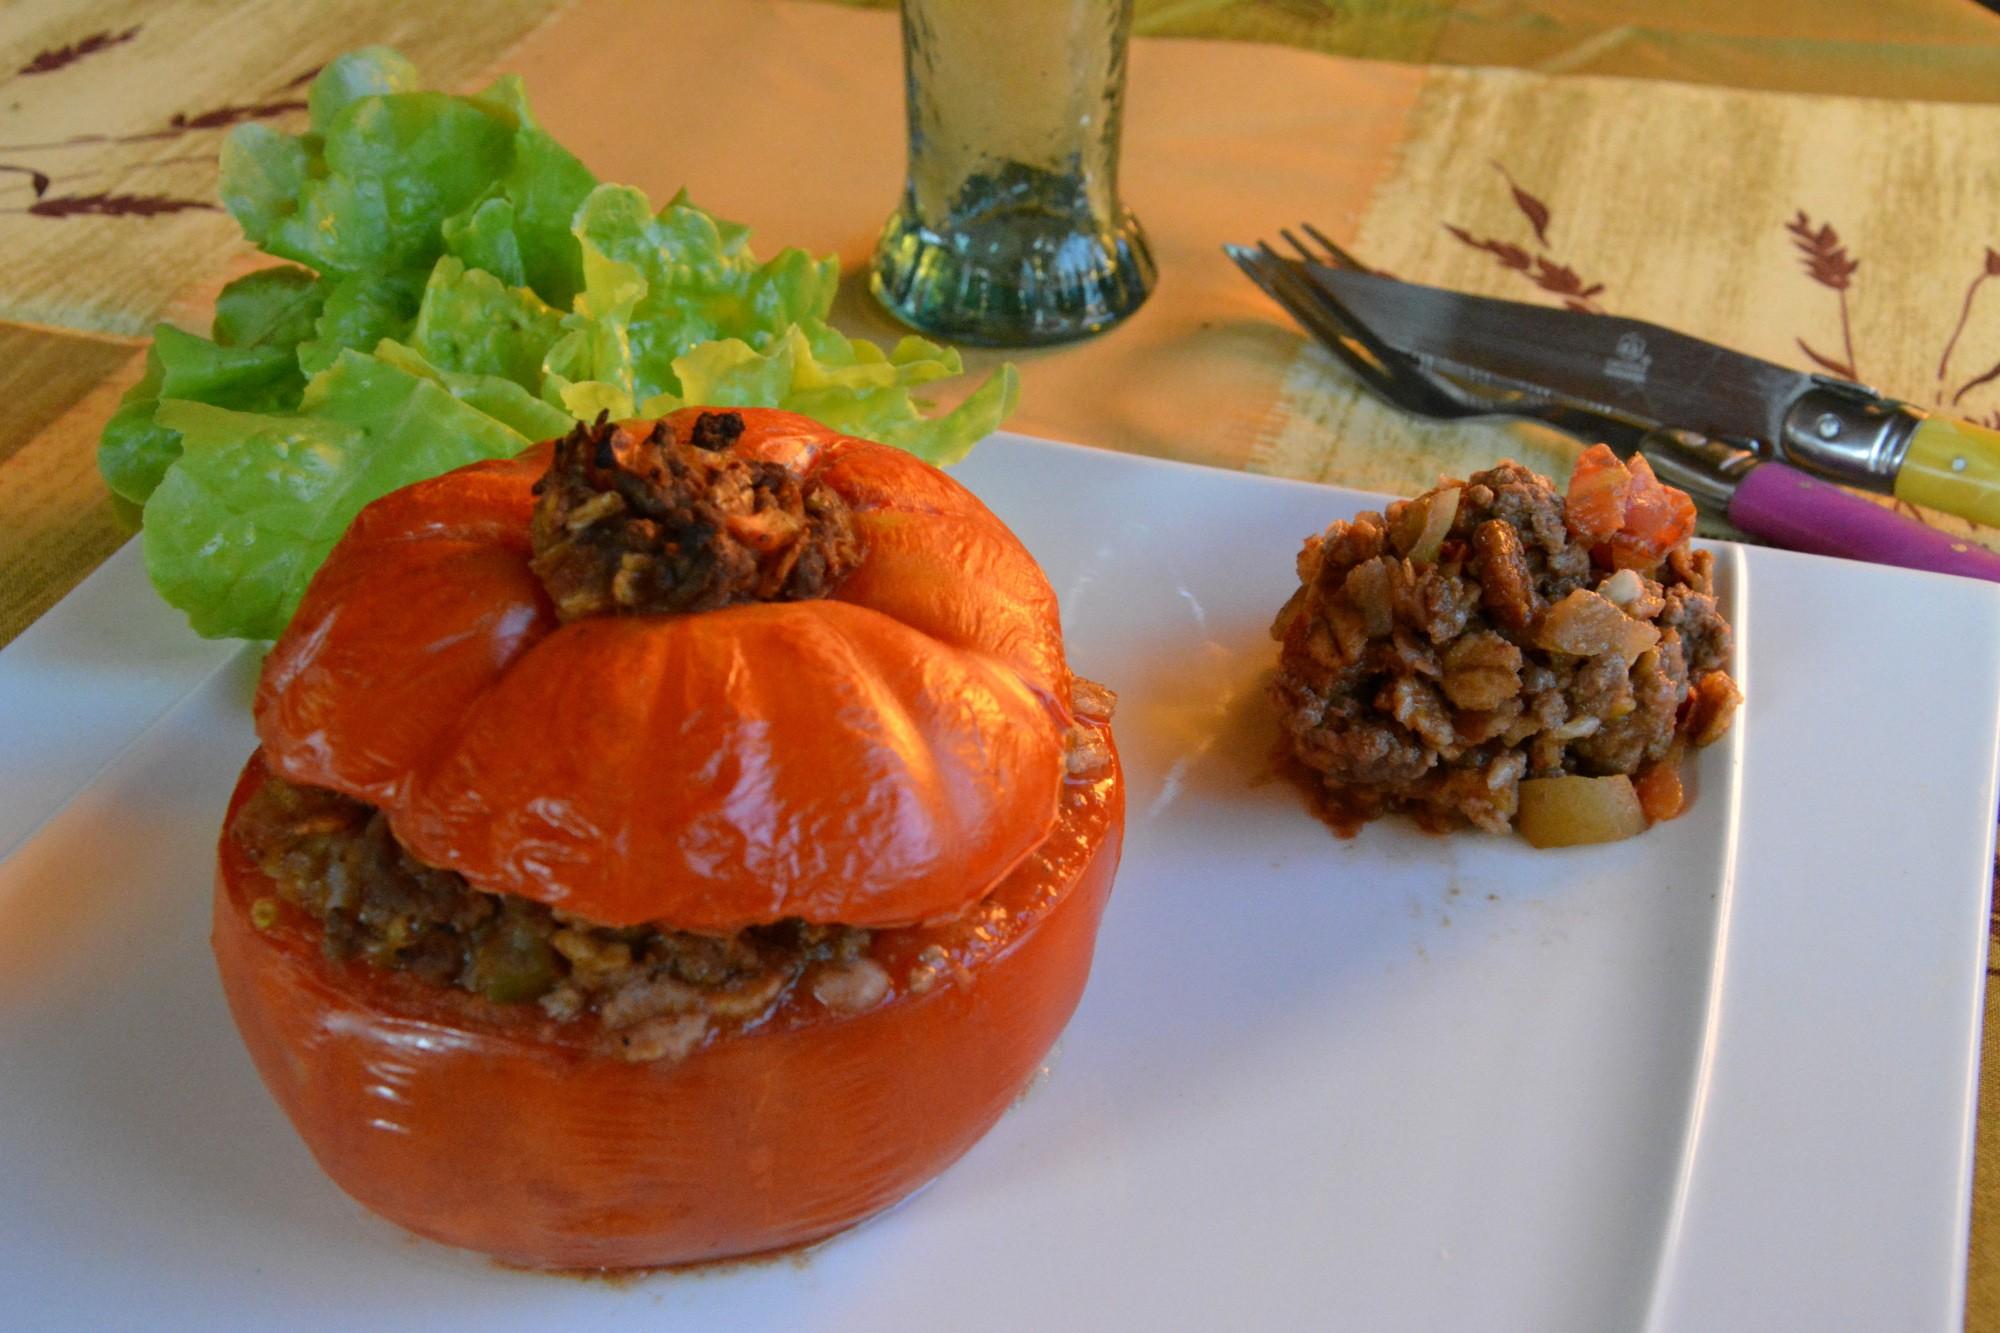 Tomates farcies au boeuf, fruits secs et épices